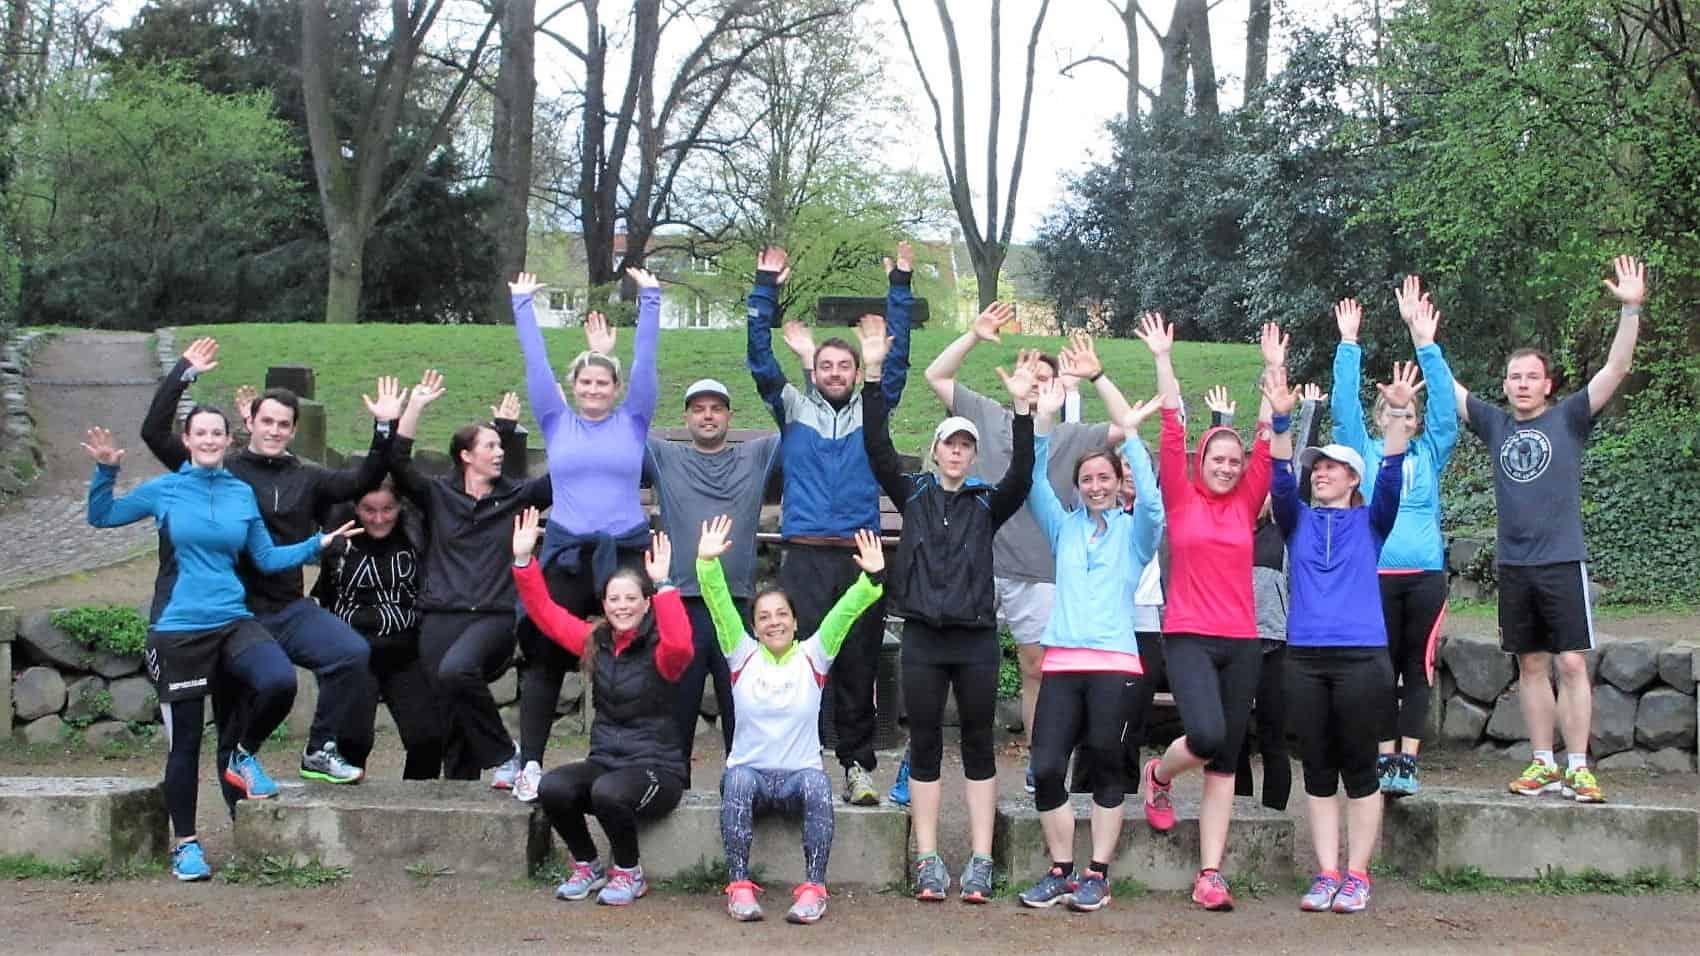 Unserer Trainer über SPECK&RUN-Outdoor Fitness!